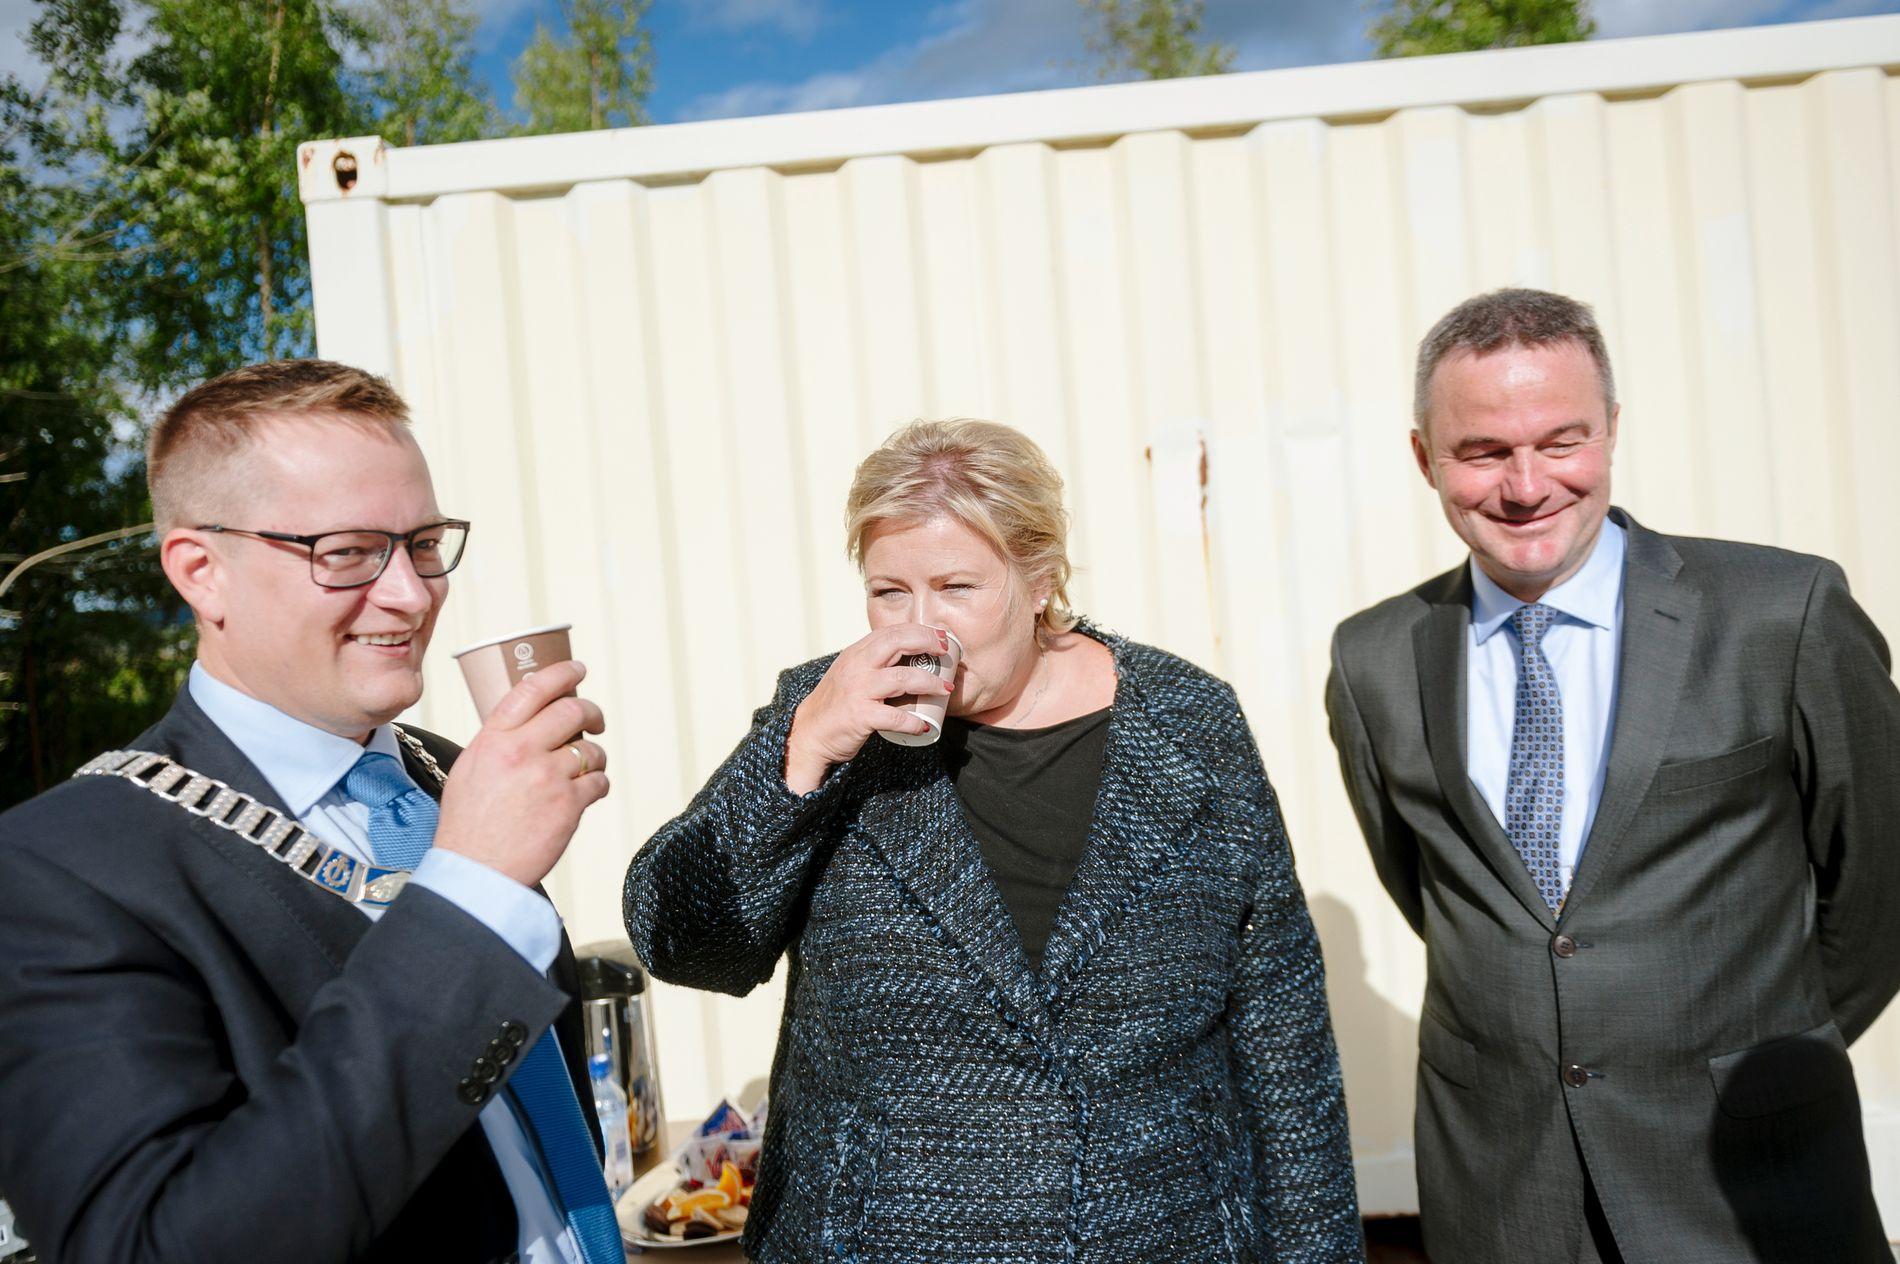 KAFFEKOS: Ordfører Ivar Vigdenes (Sp) sammen med statsminister Erna Solberg (H) og fungerende varaordfører i Stjørdal, Rune Larsen.